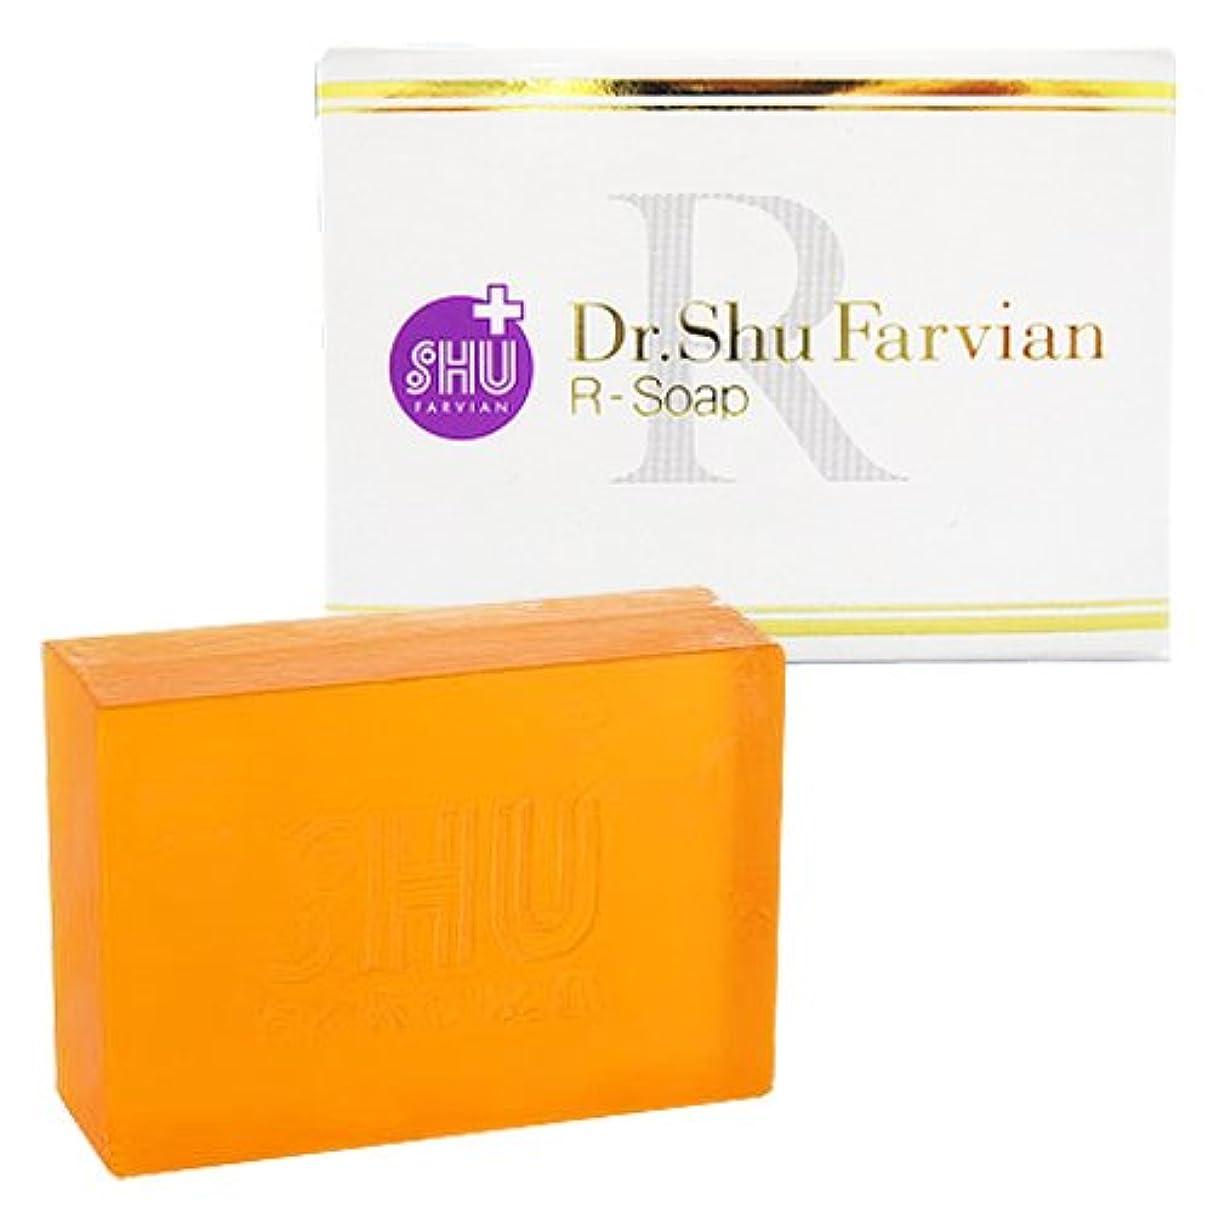 寮対応コンテストドクターシュウファビアン(Dr.Shu Farvian) 【シュウファビアン】Rソープ 100g